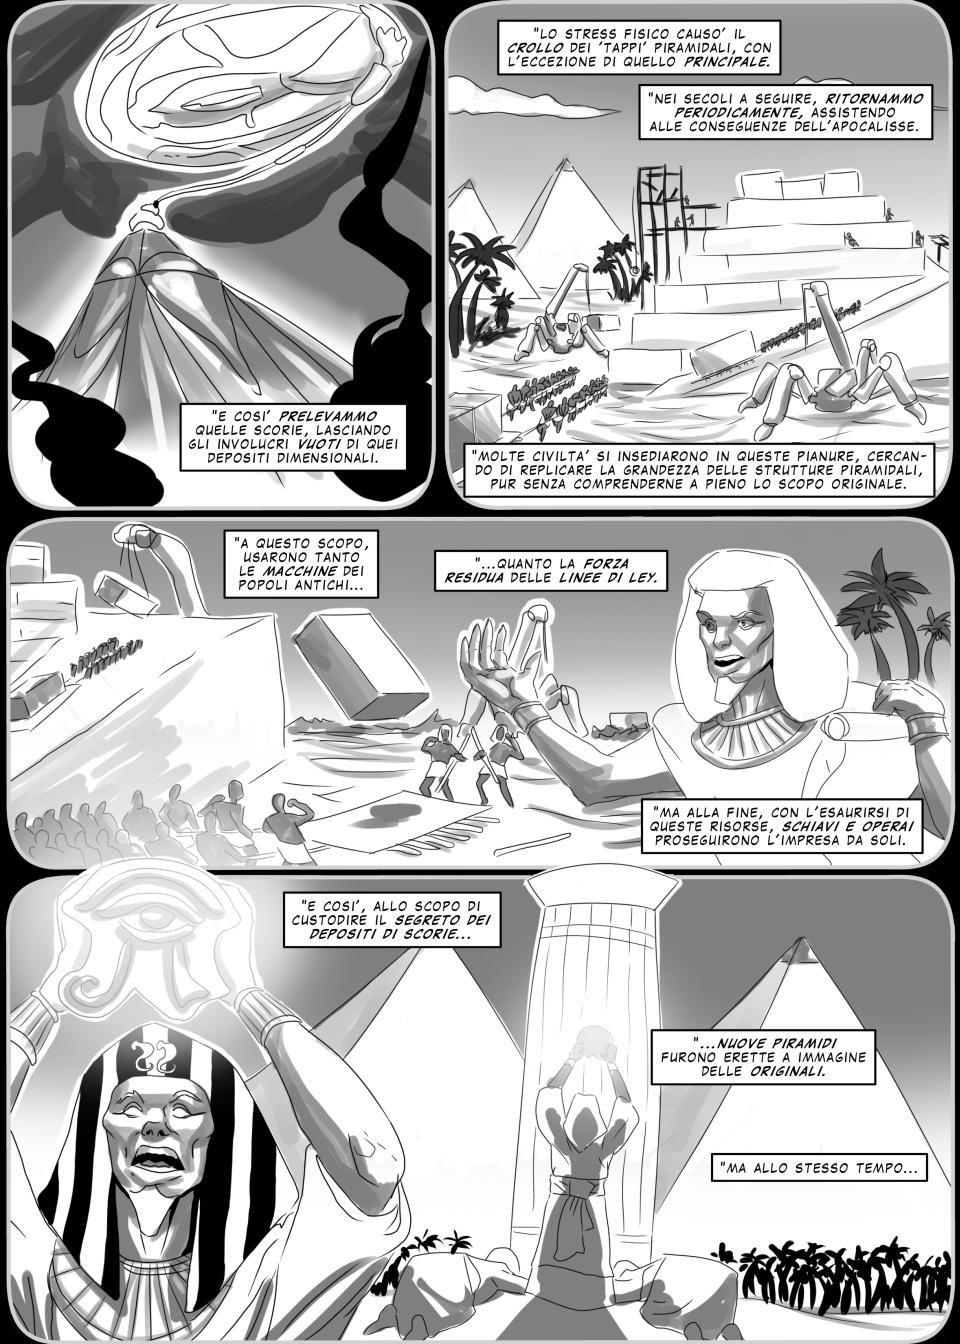 GAL 50 - L'altro segreto delle Piramidi 5 - p6